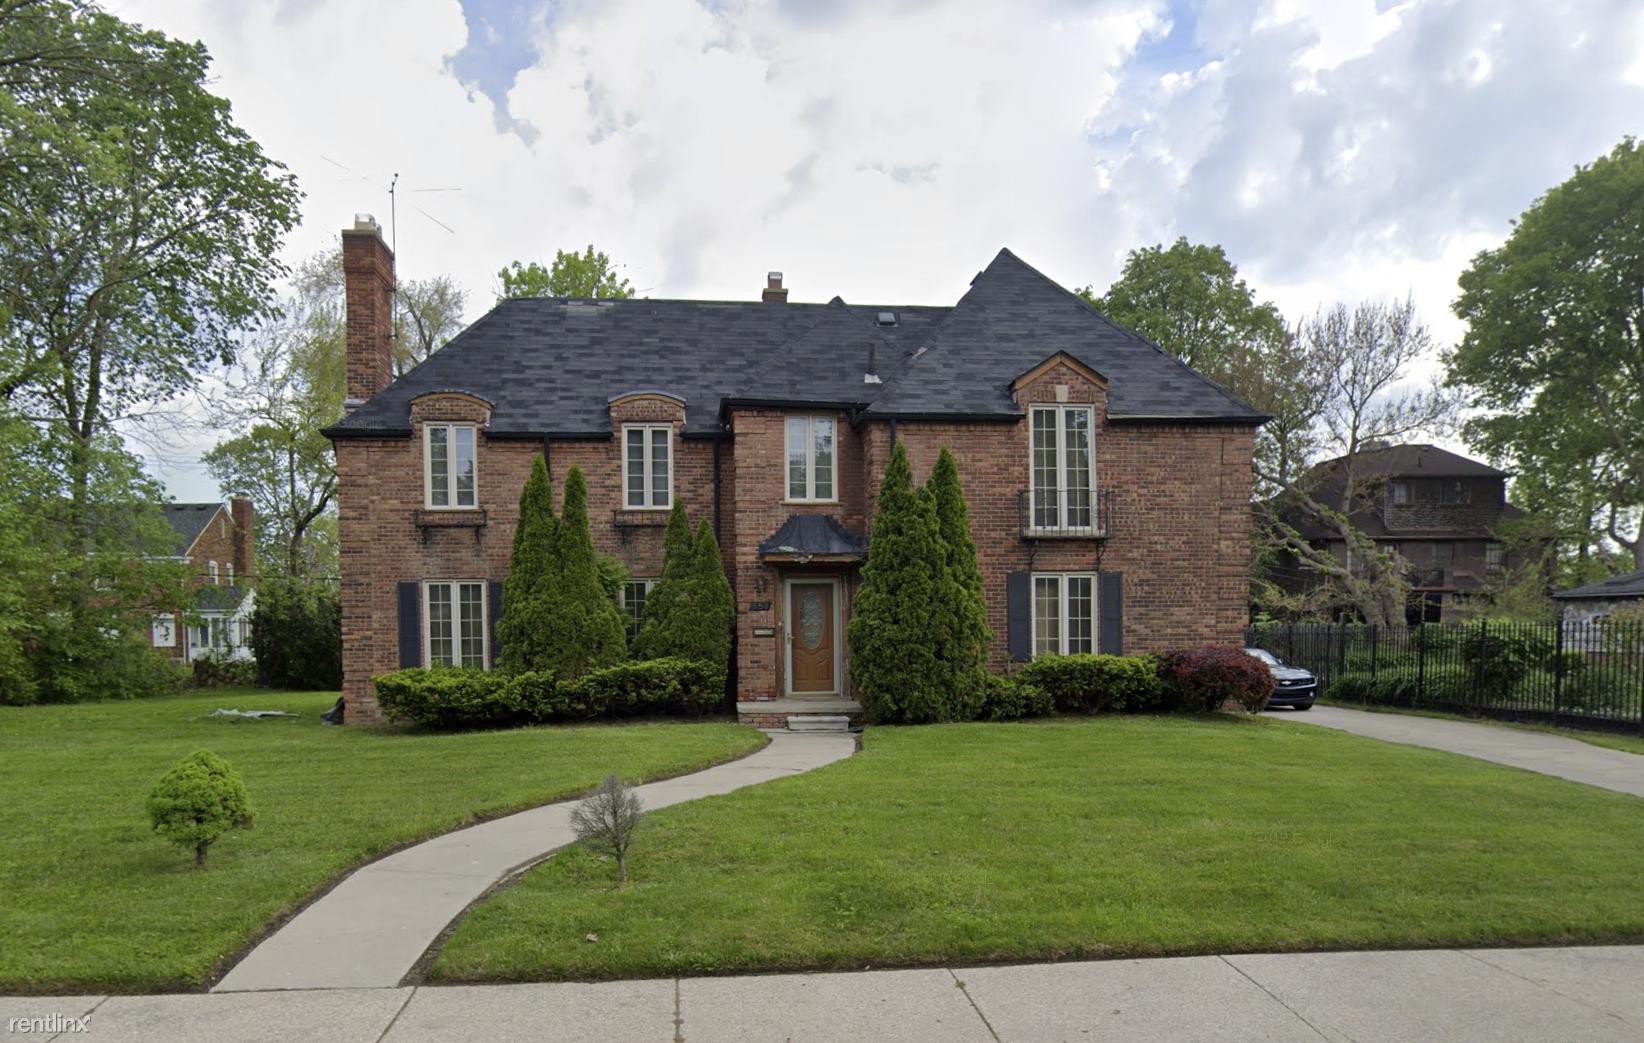 550 W Grixdale, Detroit, MI - $2,750